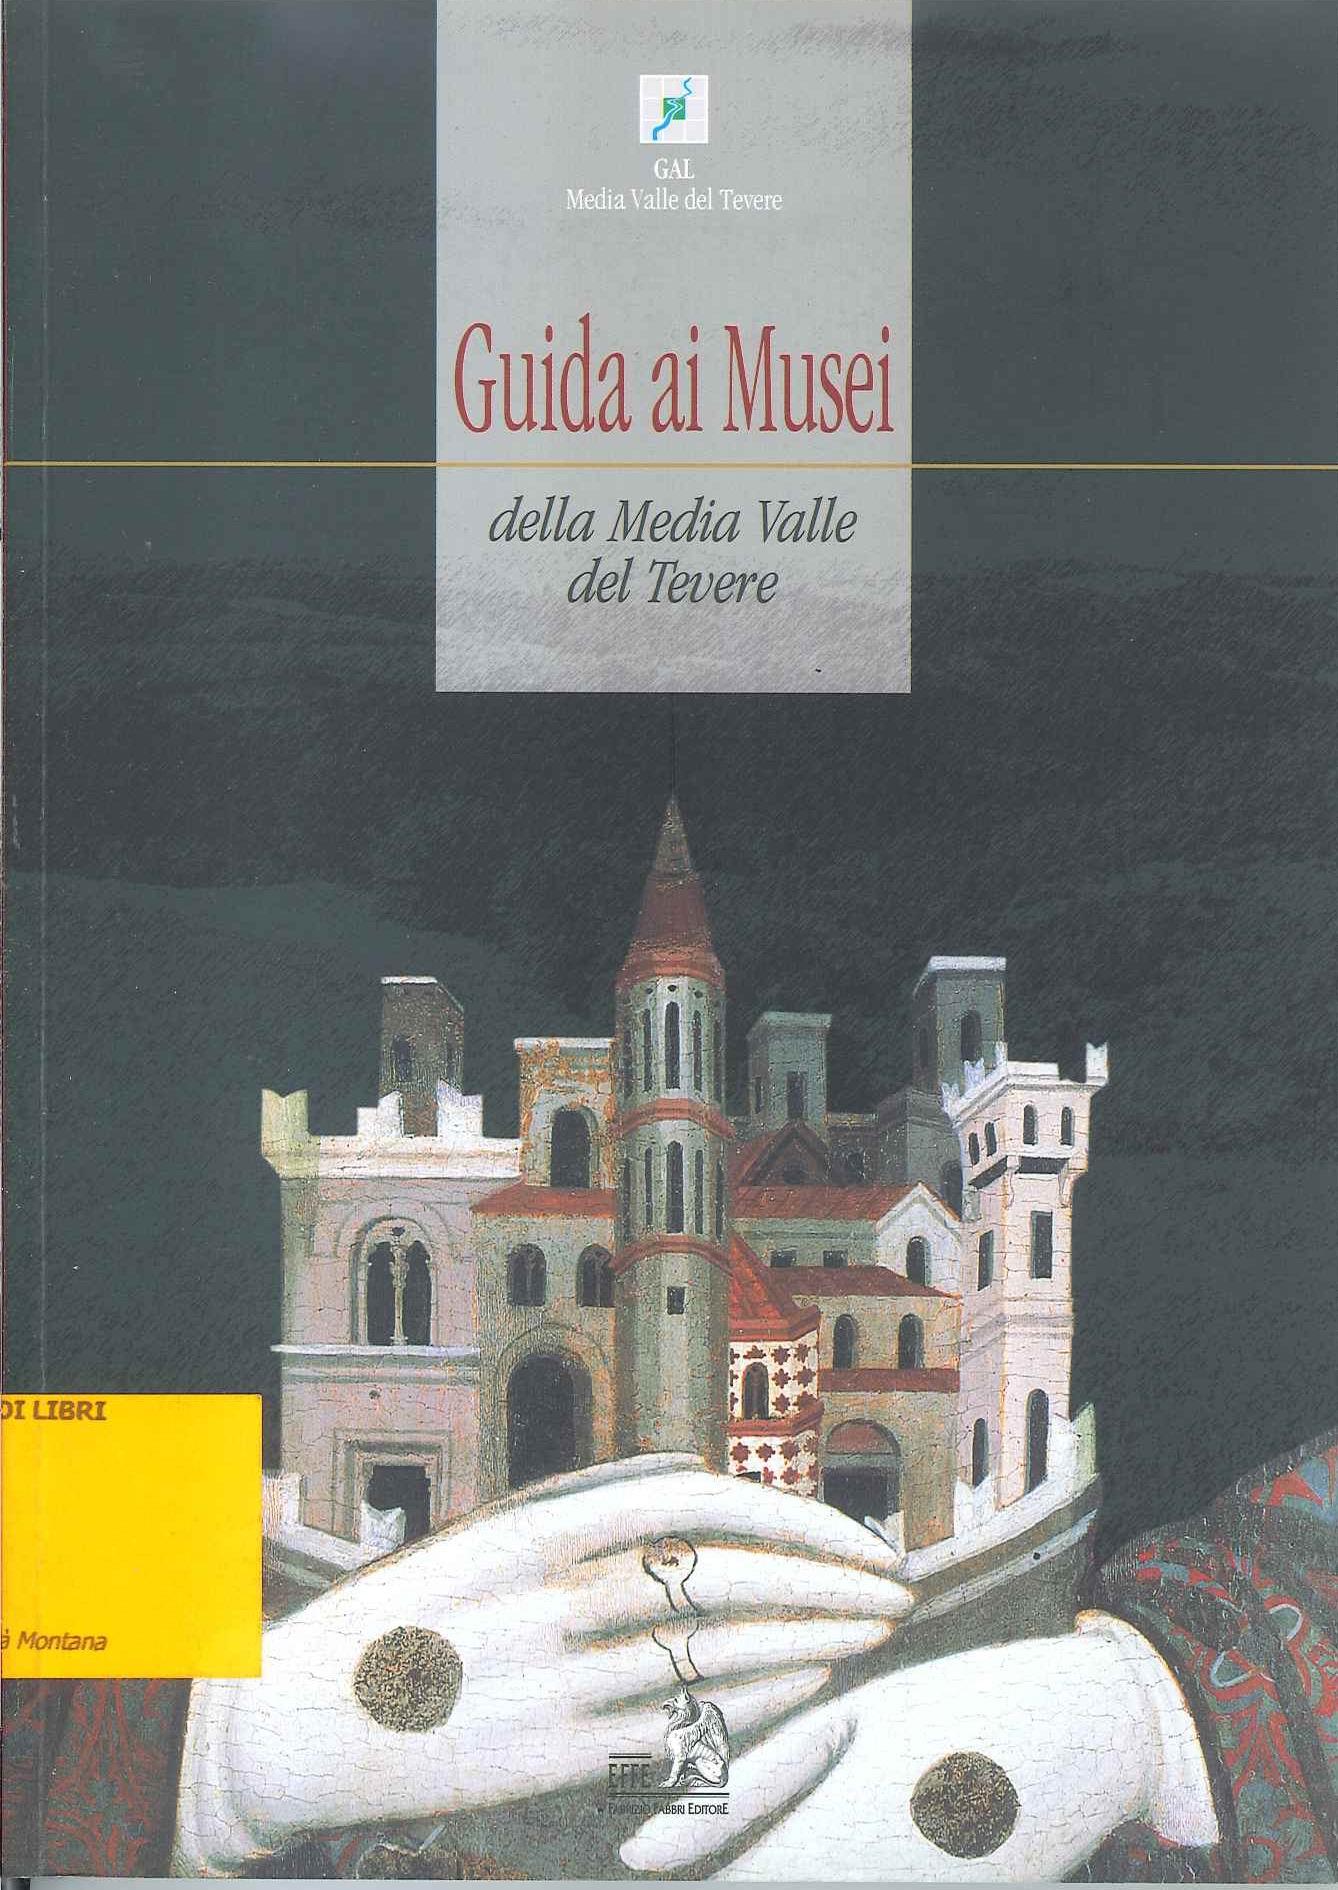 Guida ai musei della Media Valle del Tevere